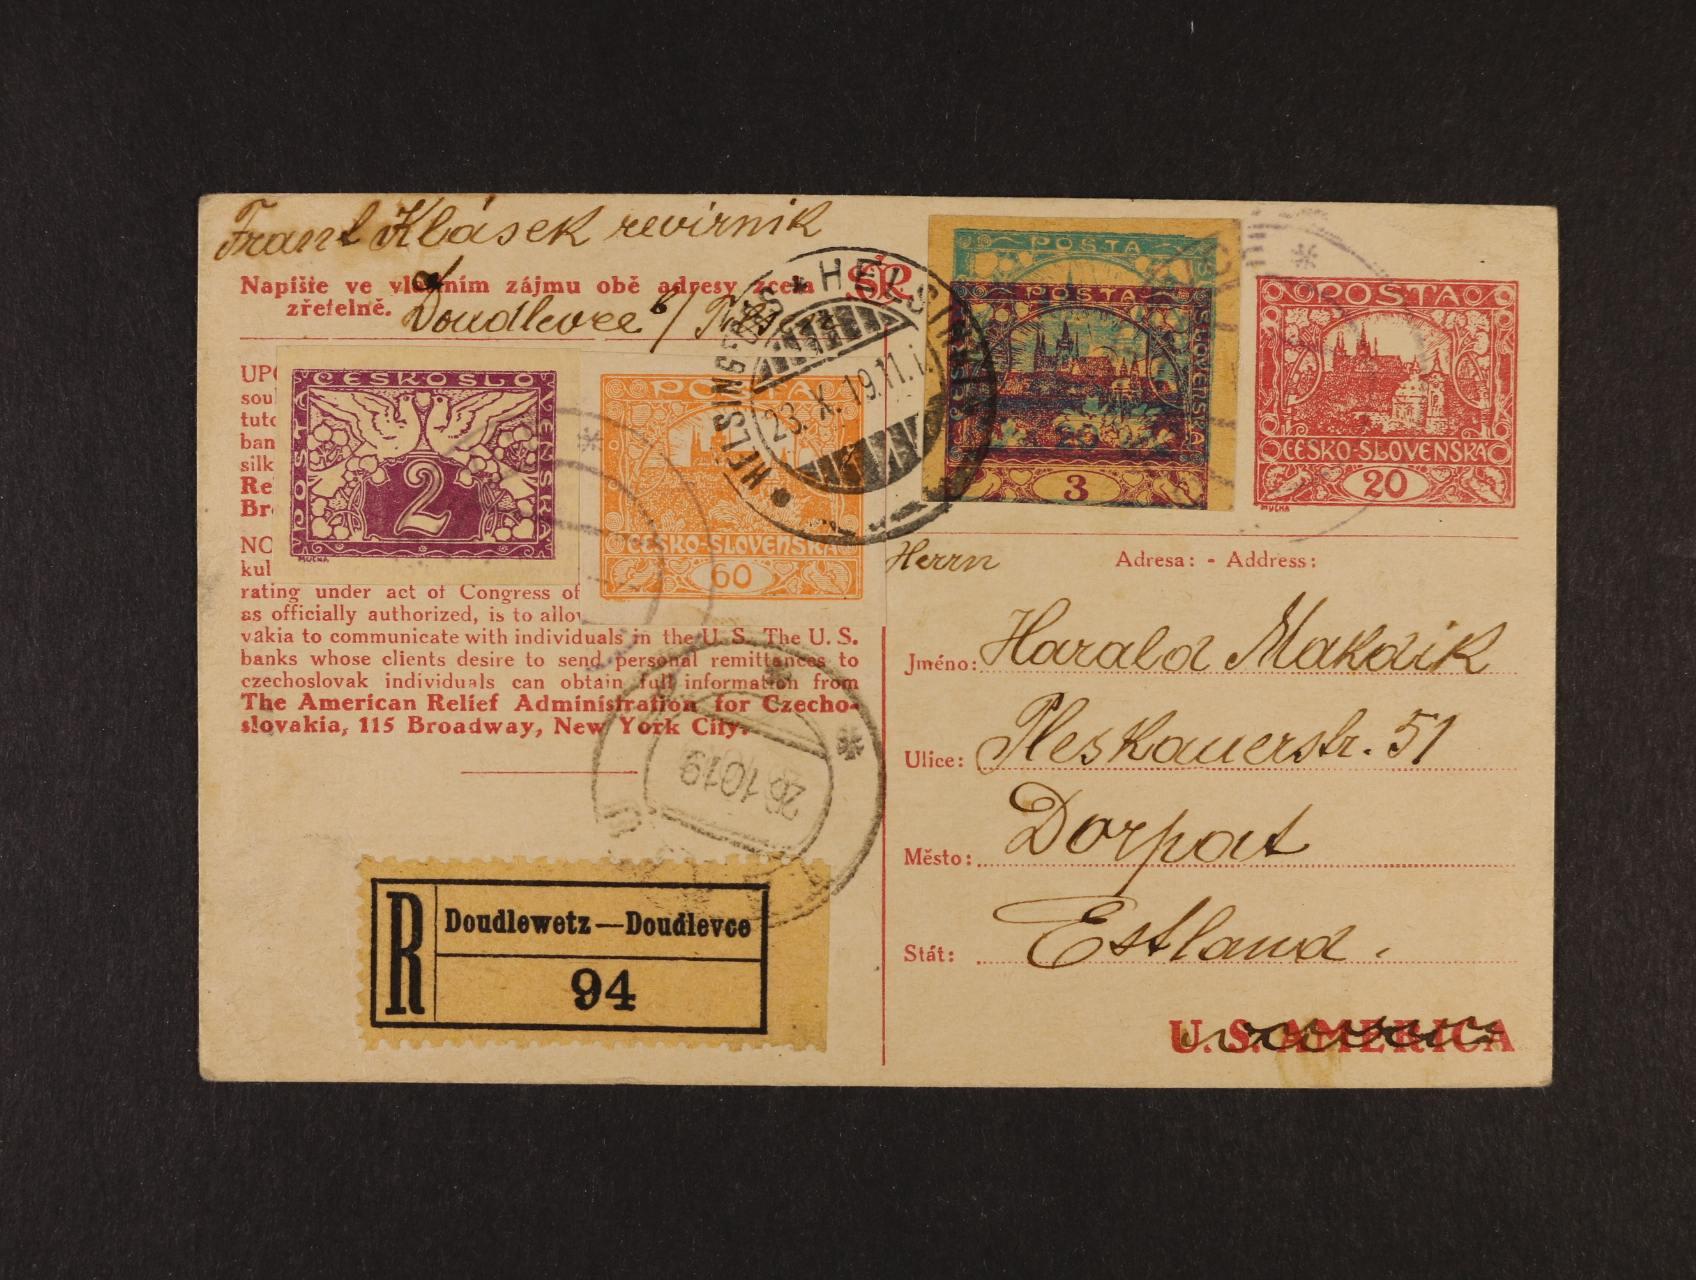 CDV č. 16 A  RECO dofrank. do Estonska, pod. raz. DOUDLEVCE 18.10.1919, průch. raz. HELSINKY 23.10.19 a TURKU 26.10.19, zajímavé